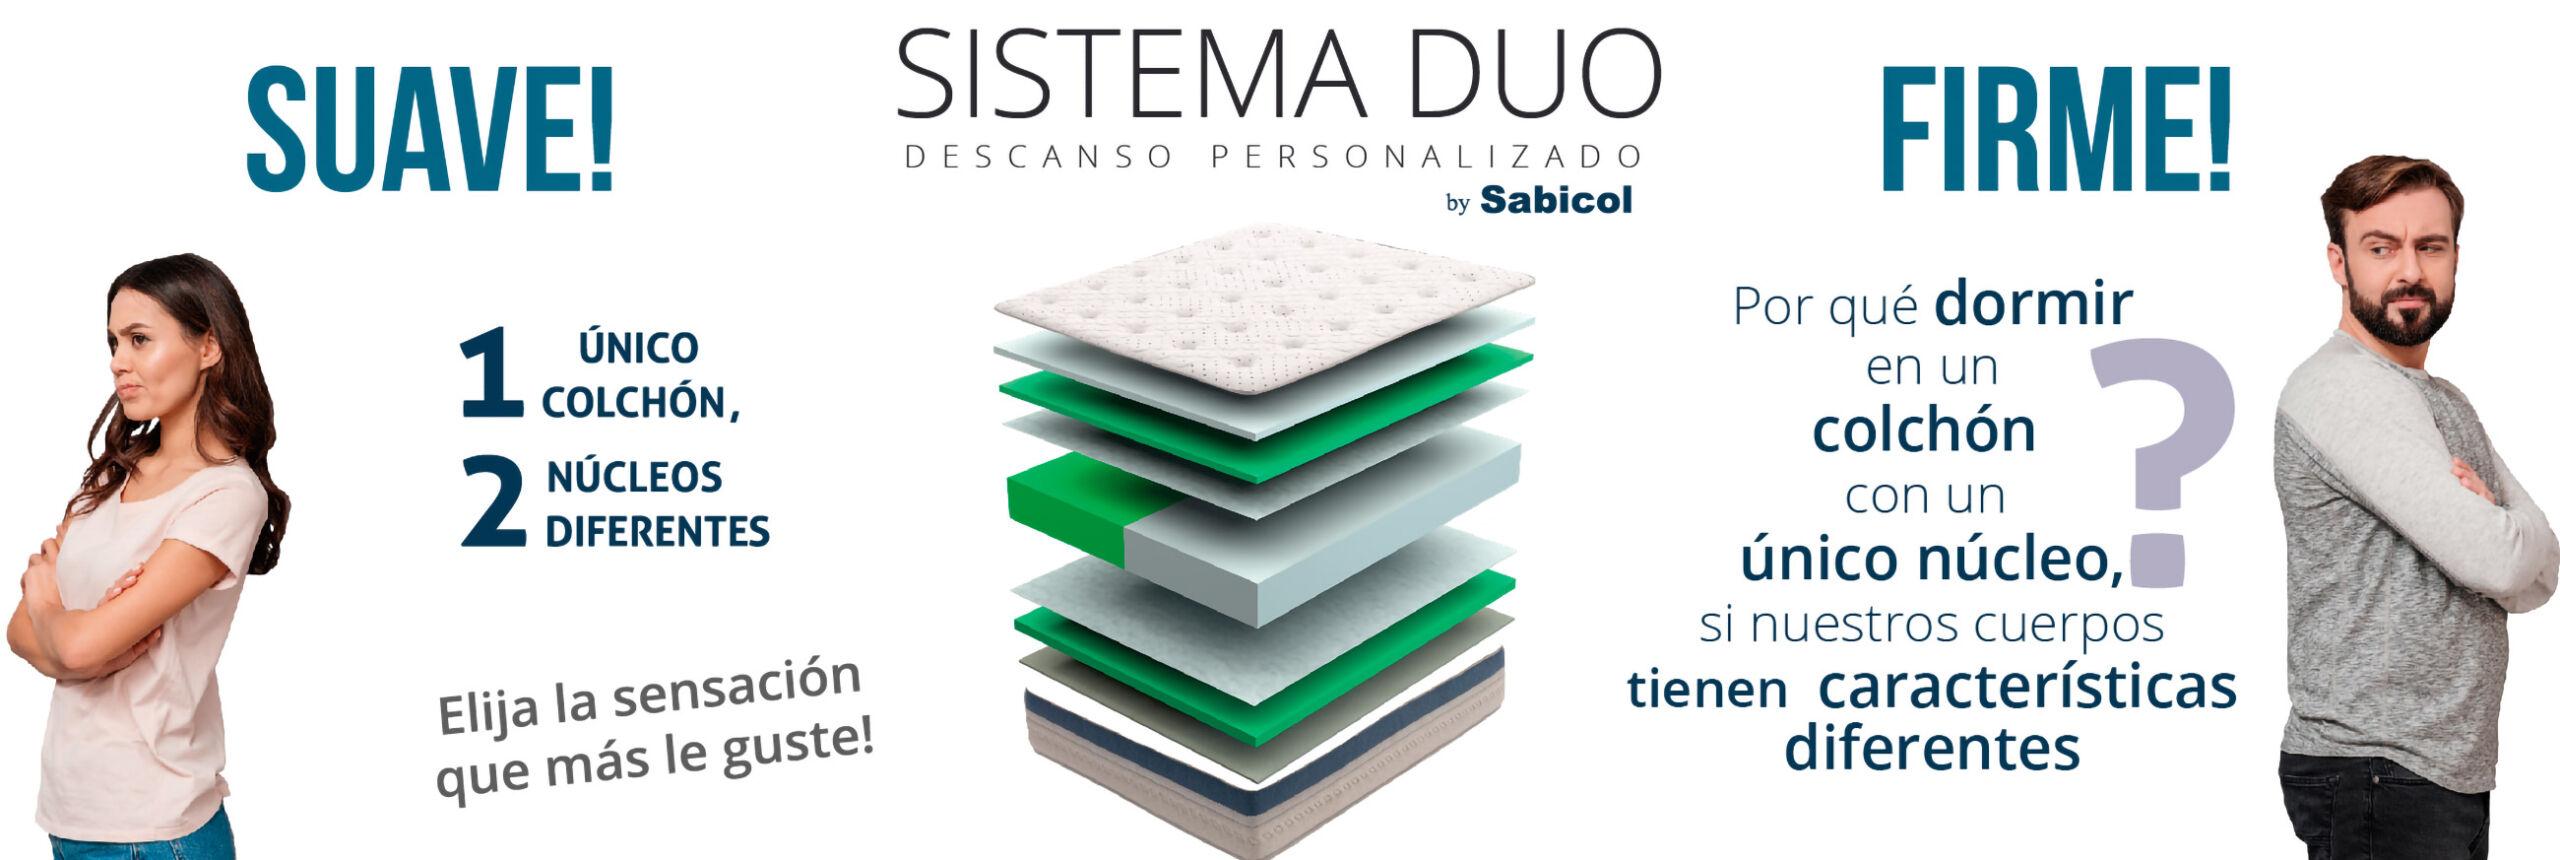 Sistema Duo